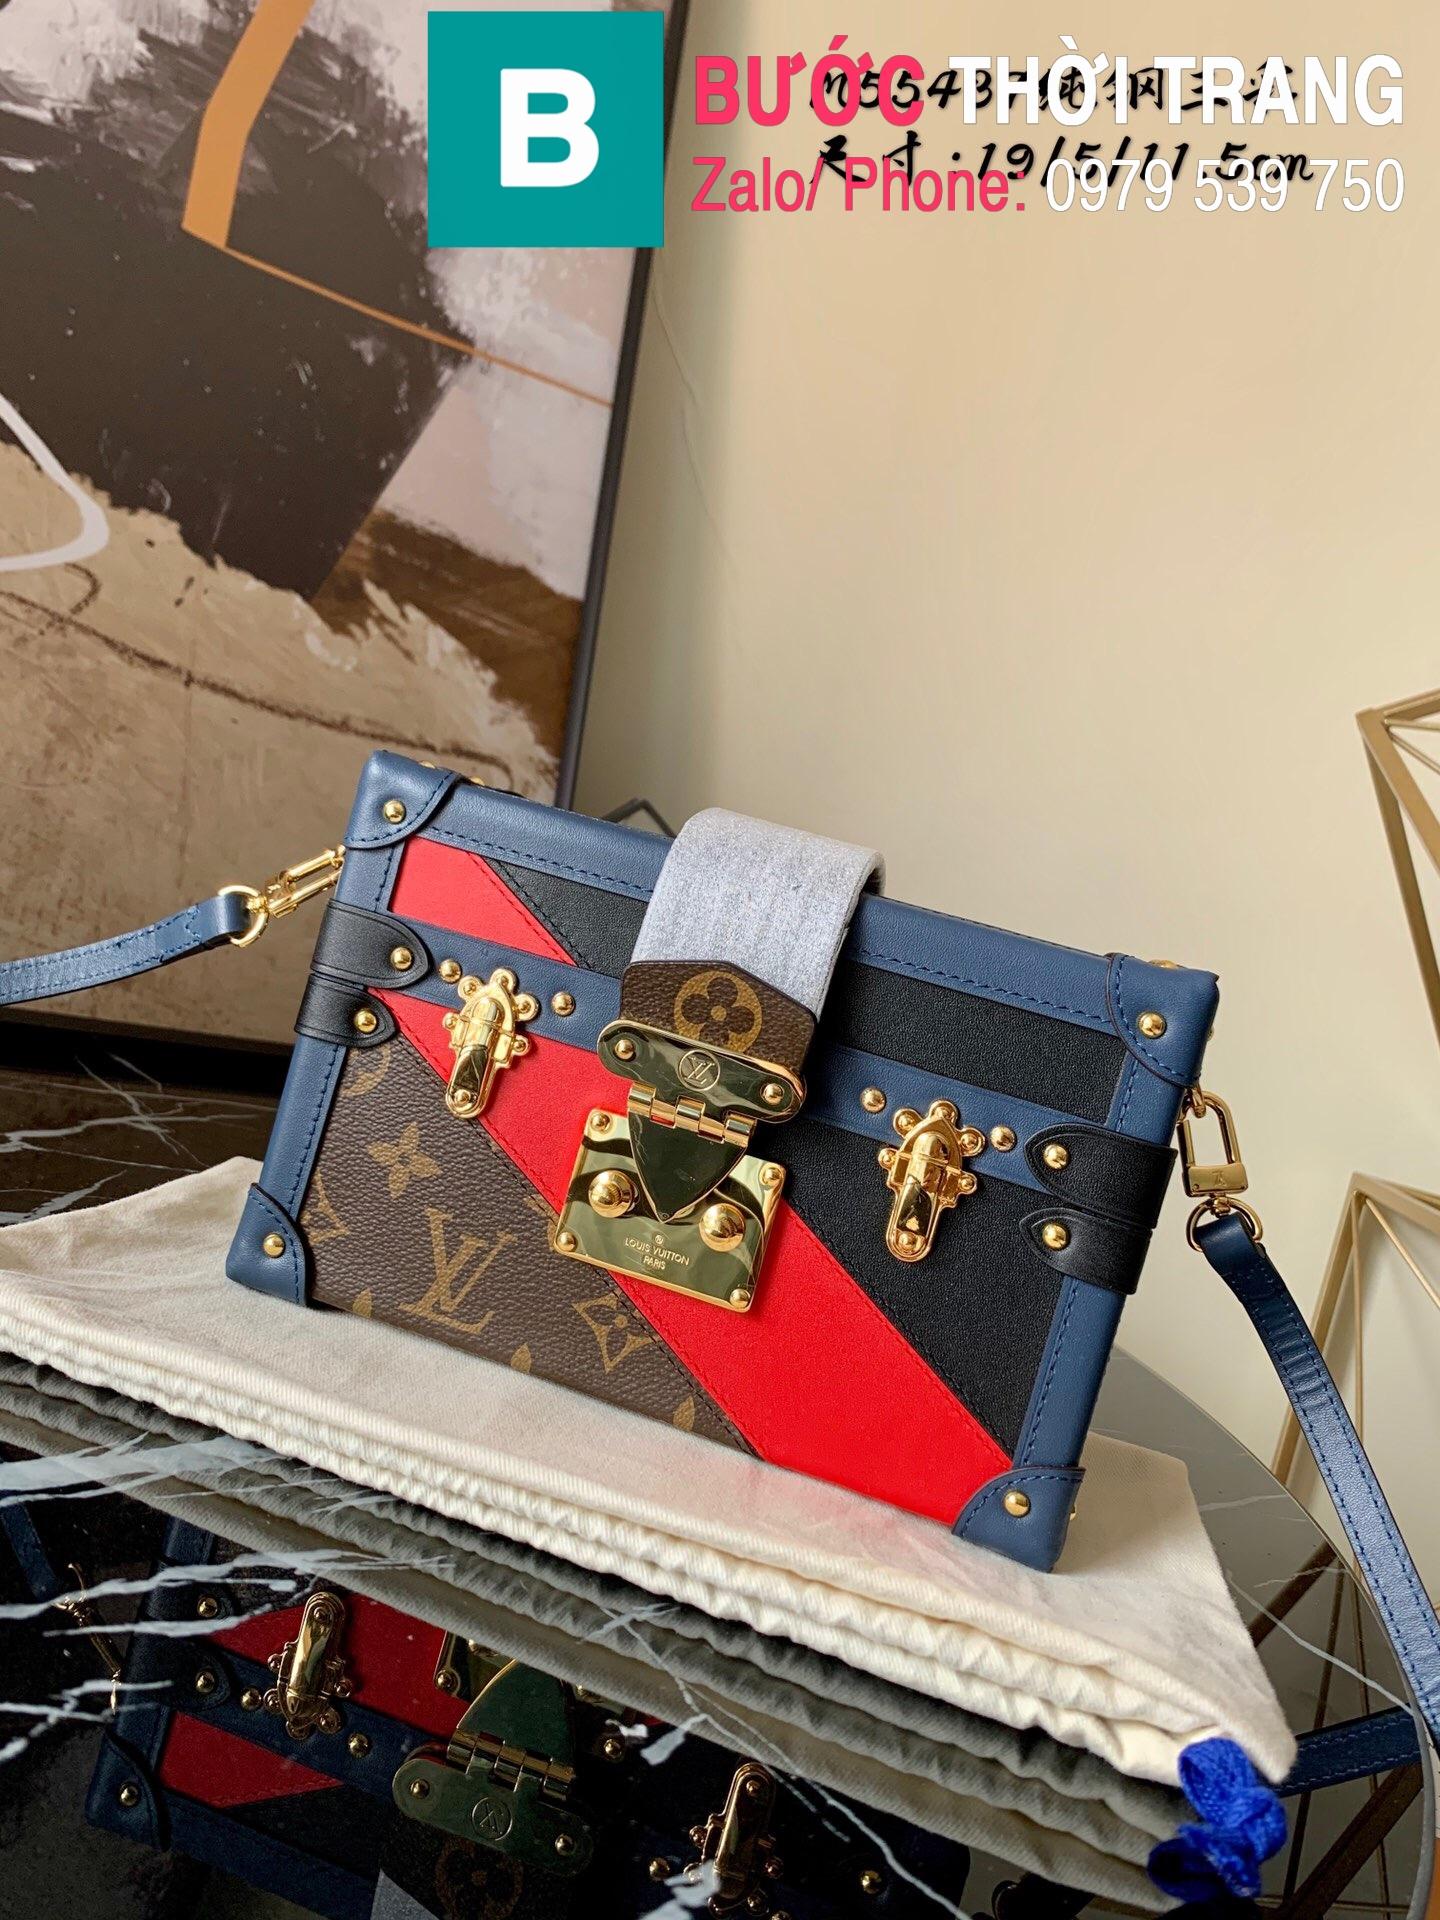 Túi xách LV Louis Vuitton Petite Malle (57)